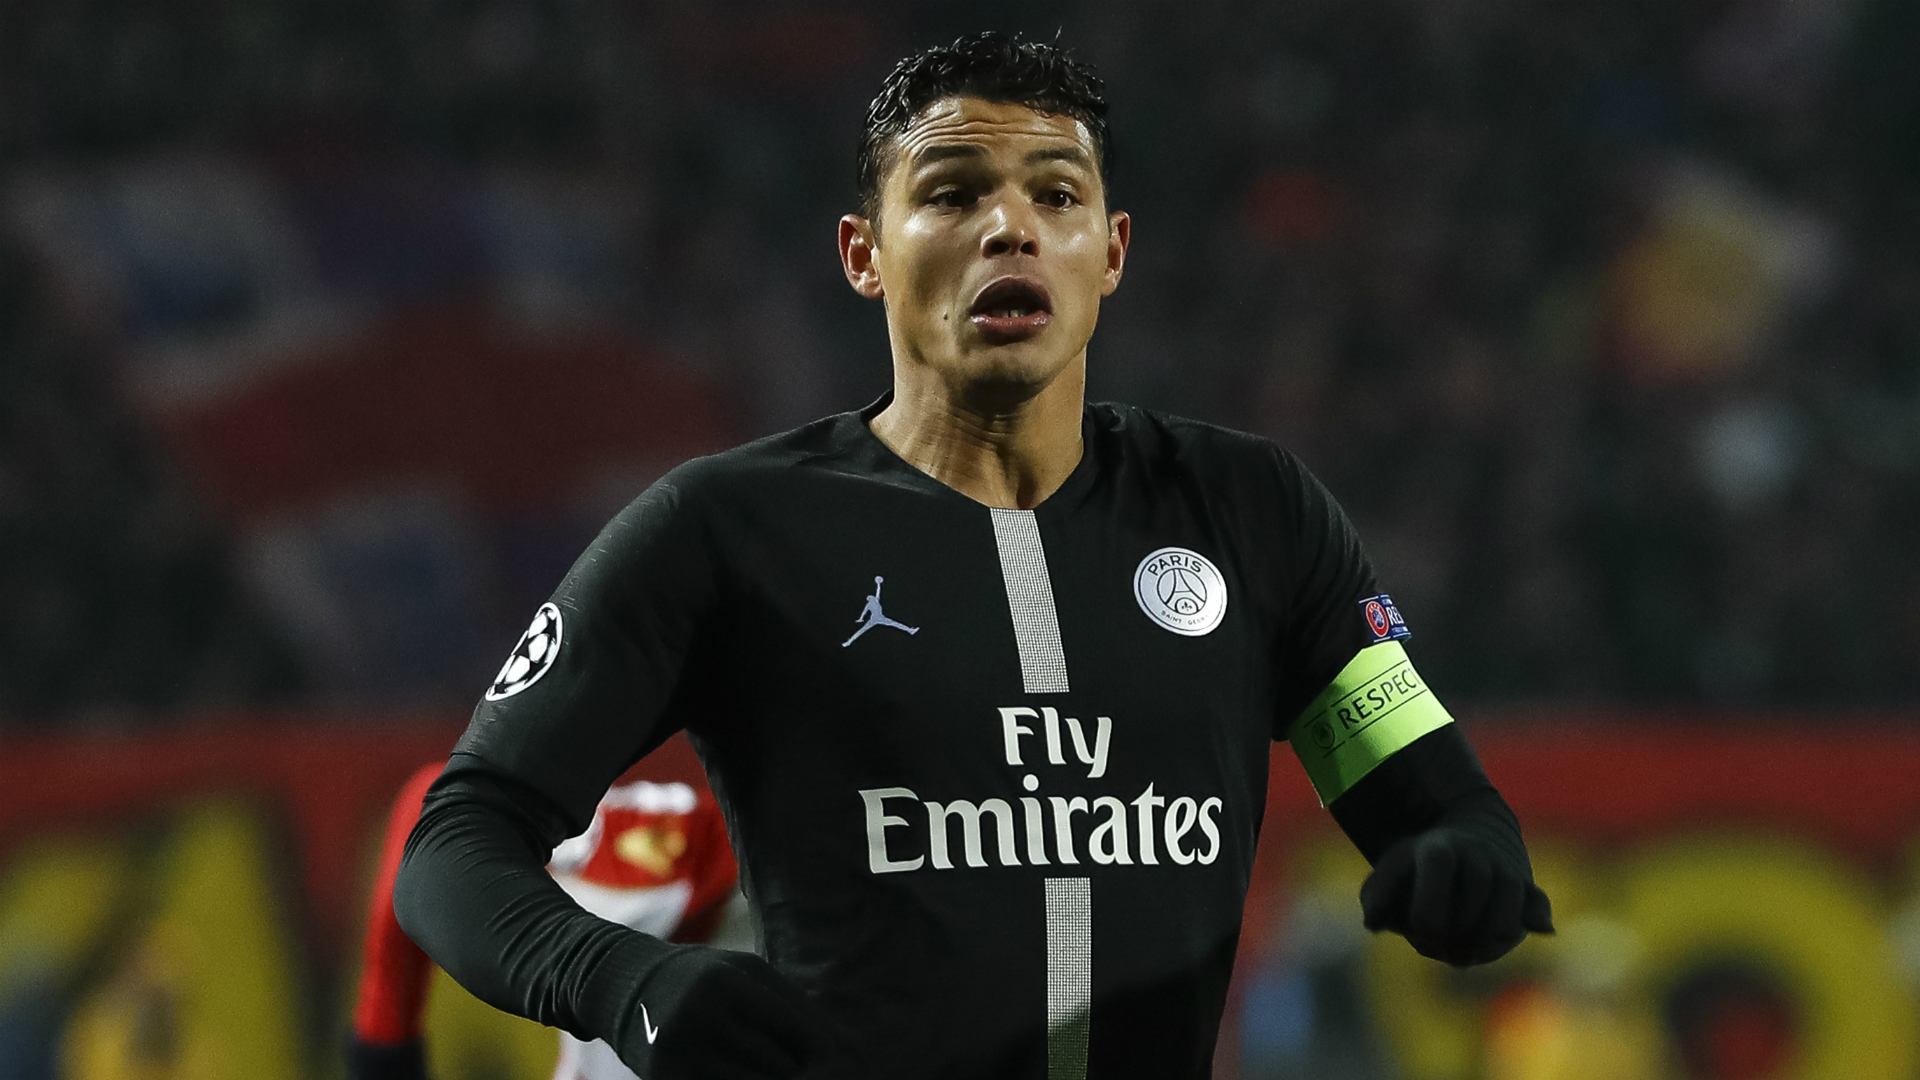 PSG not out for revenge against Rennes – Silva